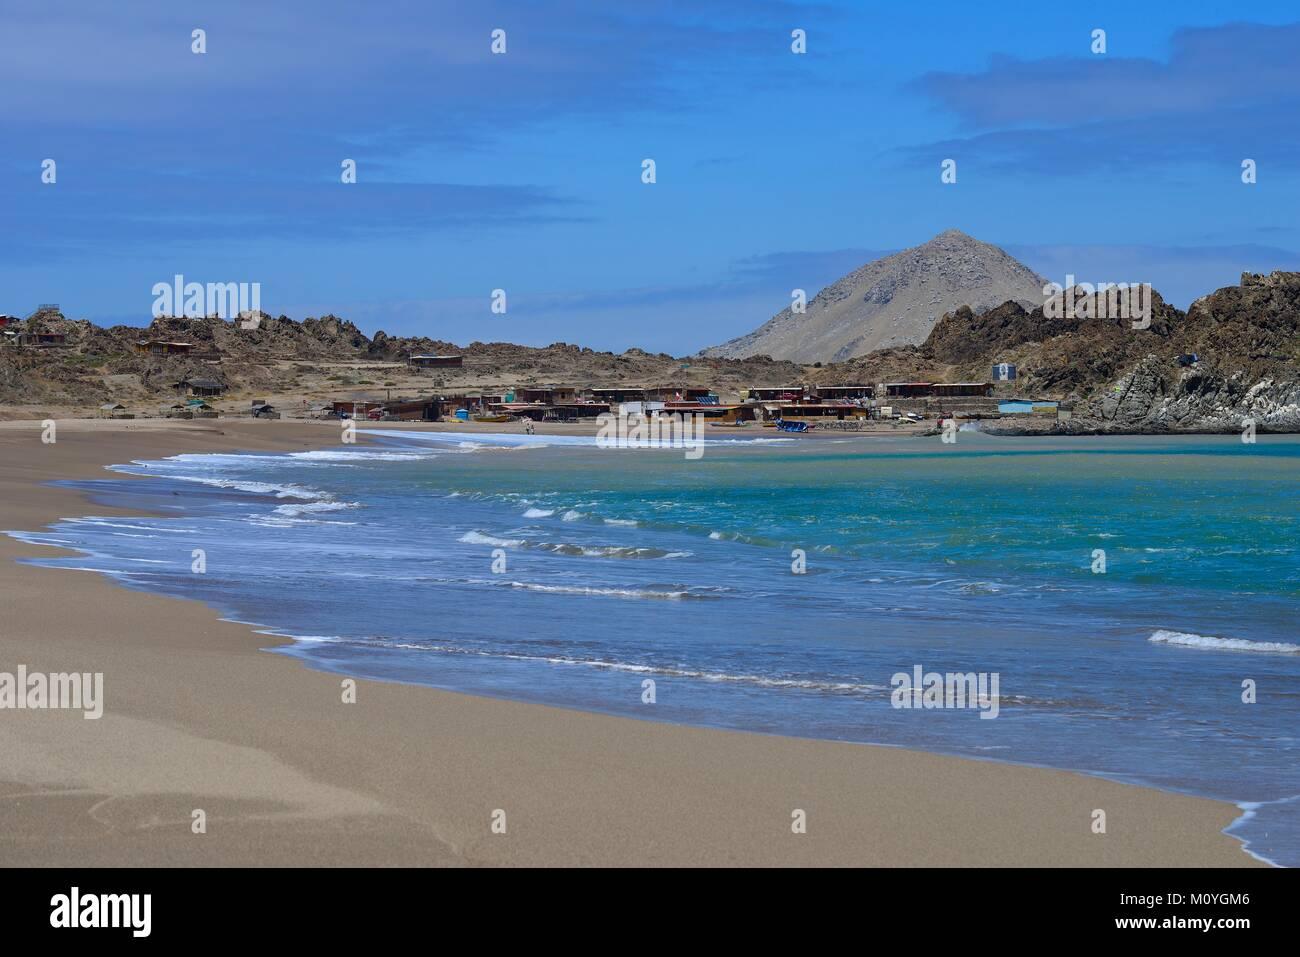 Fishing village Caleta Pan de Azúcar,Pan de Azúcar National Park,near Chañaral,Región de Atacama,Chile - Stock Image